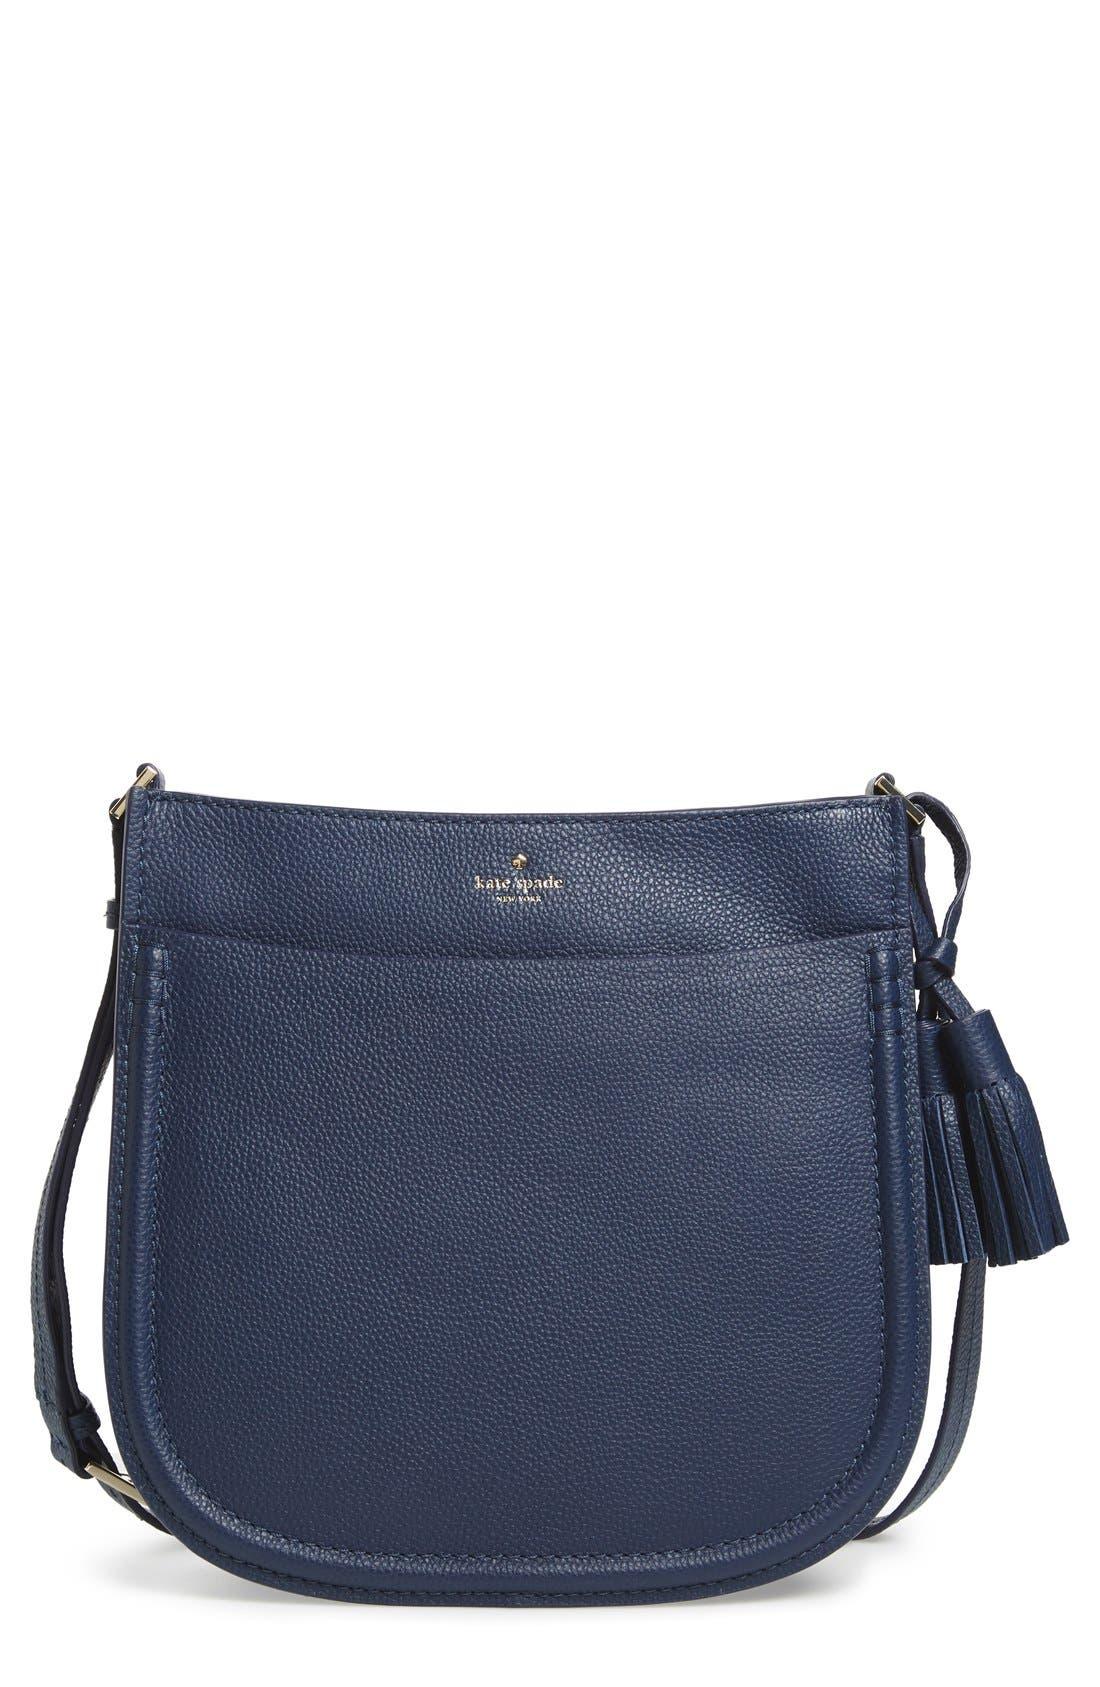 Main Image - kate spade new york 'orchard street - hemsley' leather shoulder bag